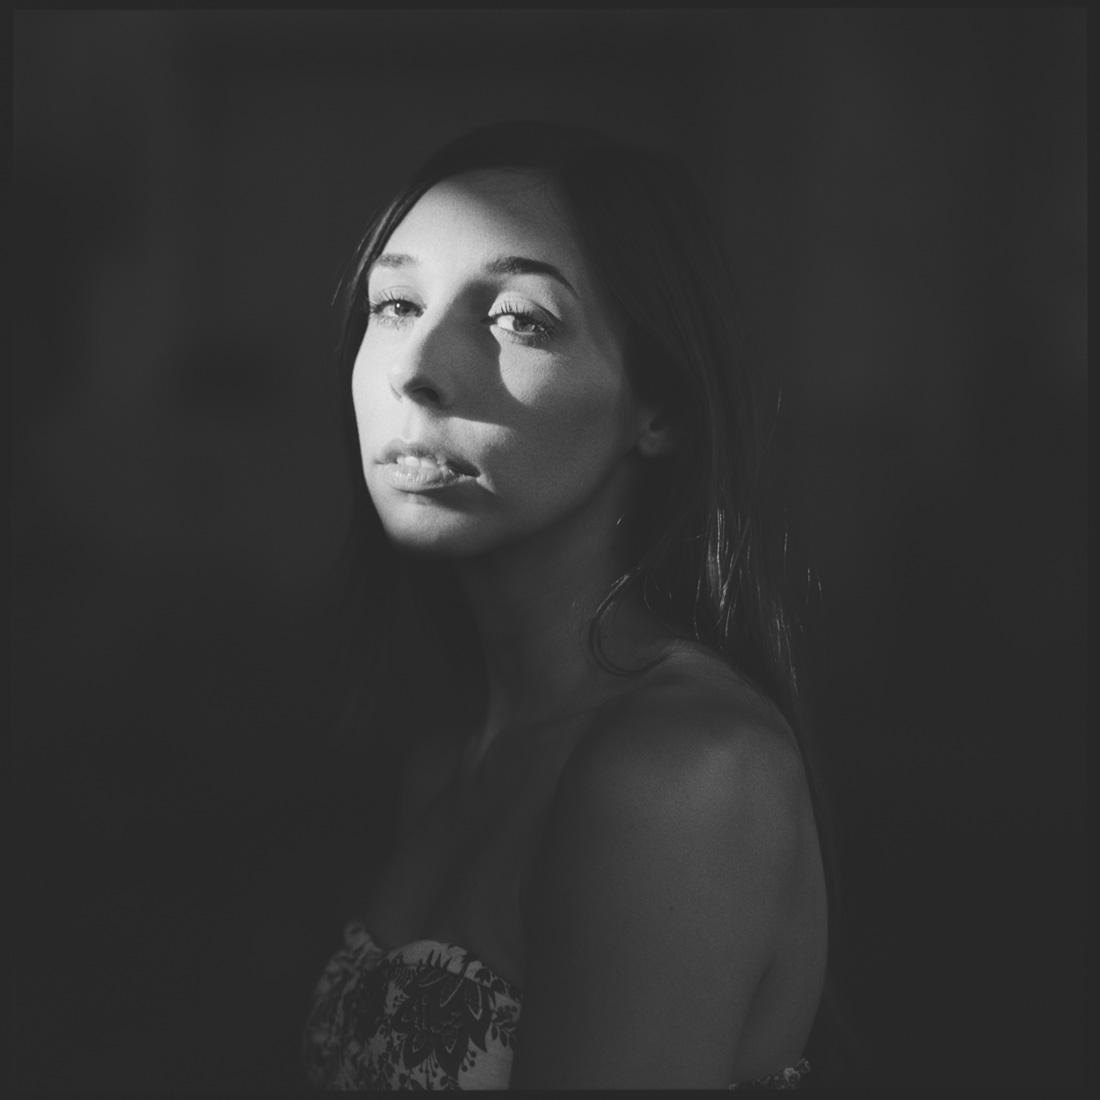 Porträts mit Sophie * Hasselblad 500c/m * Analoge Mittelformat-Fotografie * Rossi Photography * Dein Porträtfotograf für Hessen und Deutschland